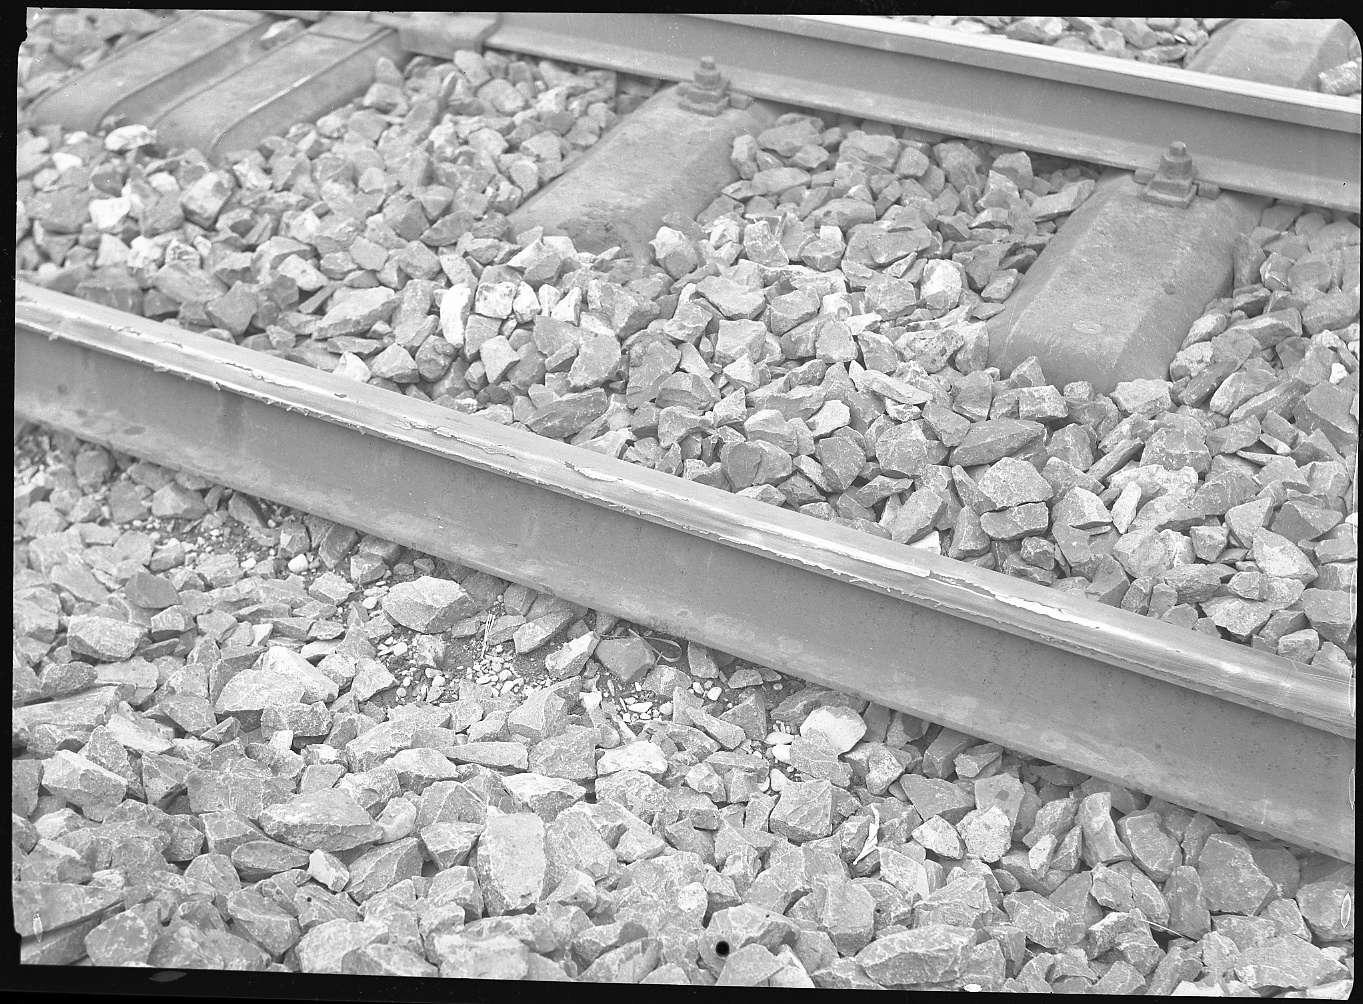 Tamm, beschädigte Schienen bei Tamm, Abb. b